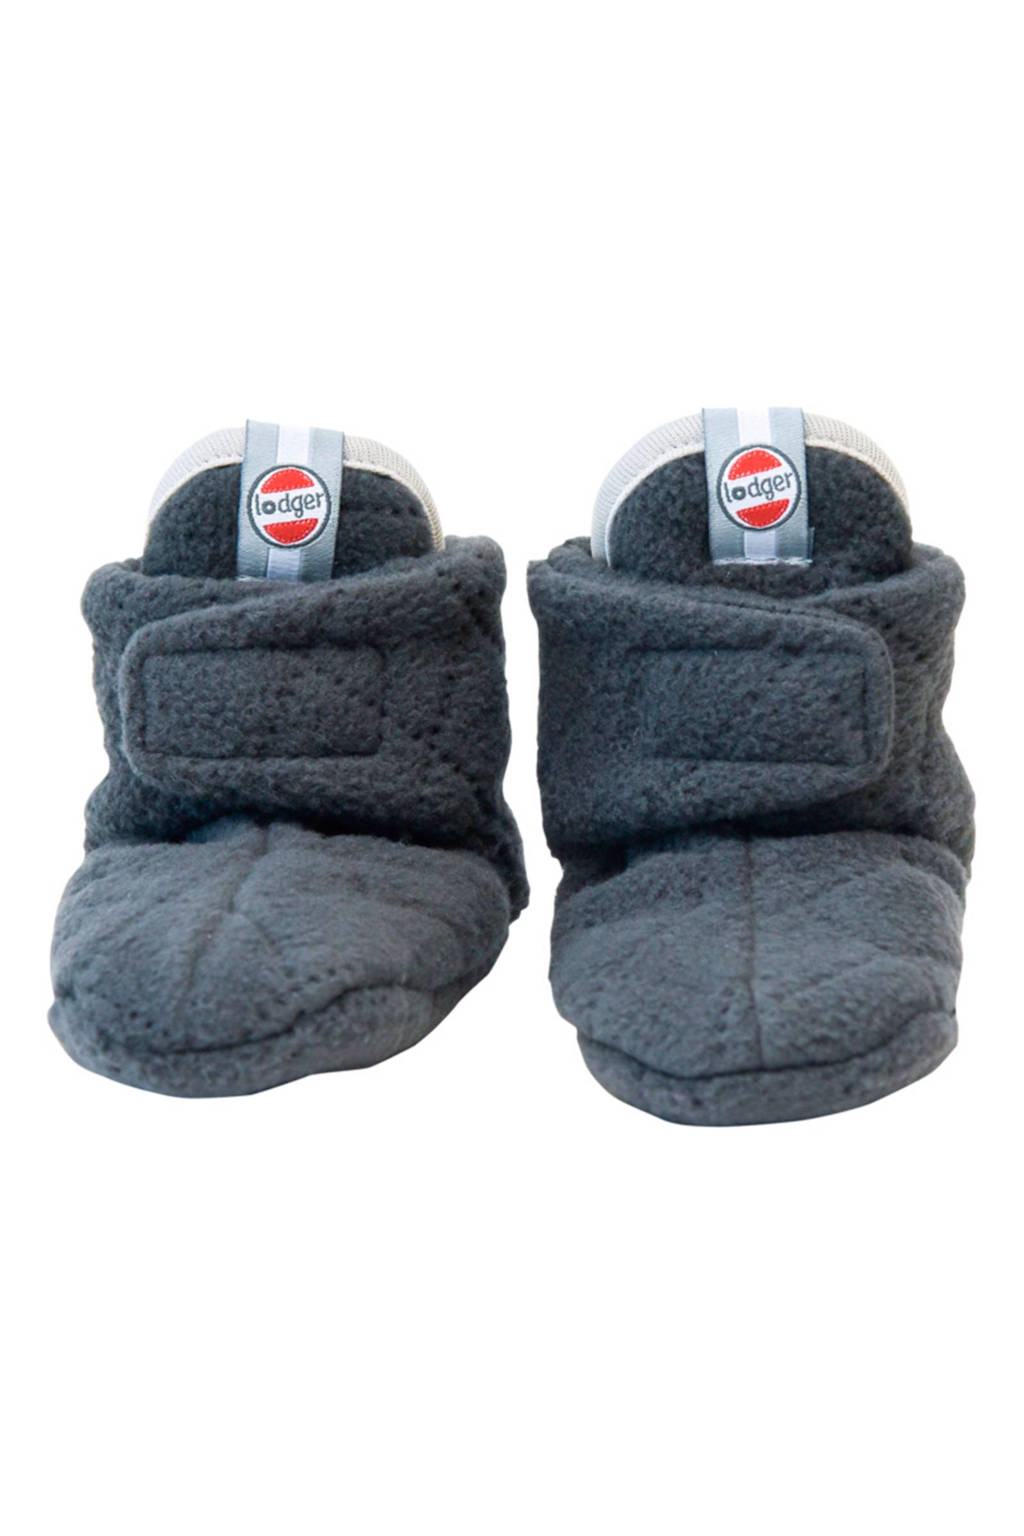 Lodger Scandinavian fleece slofjes 6-12 mnd, Coal